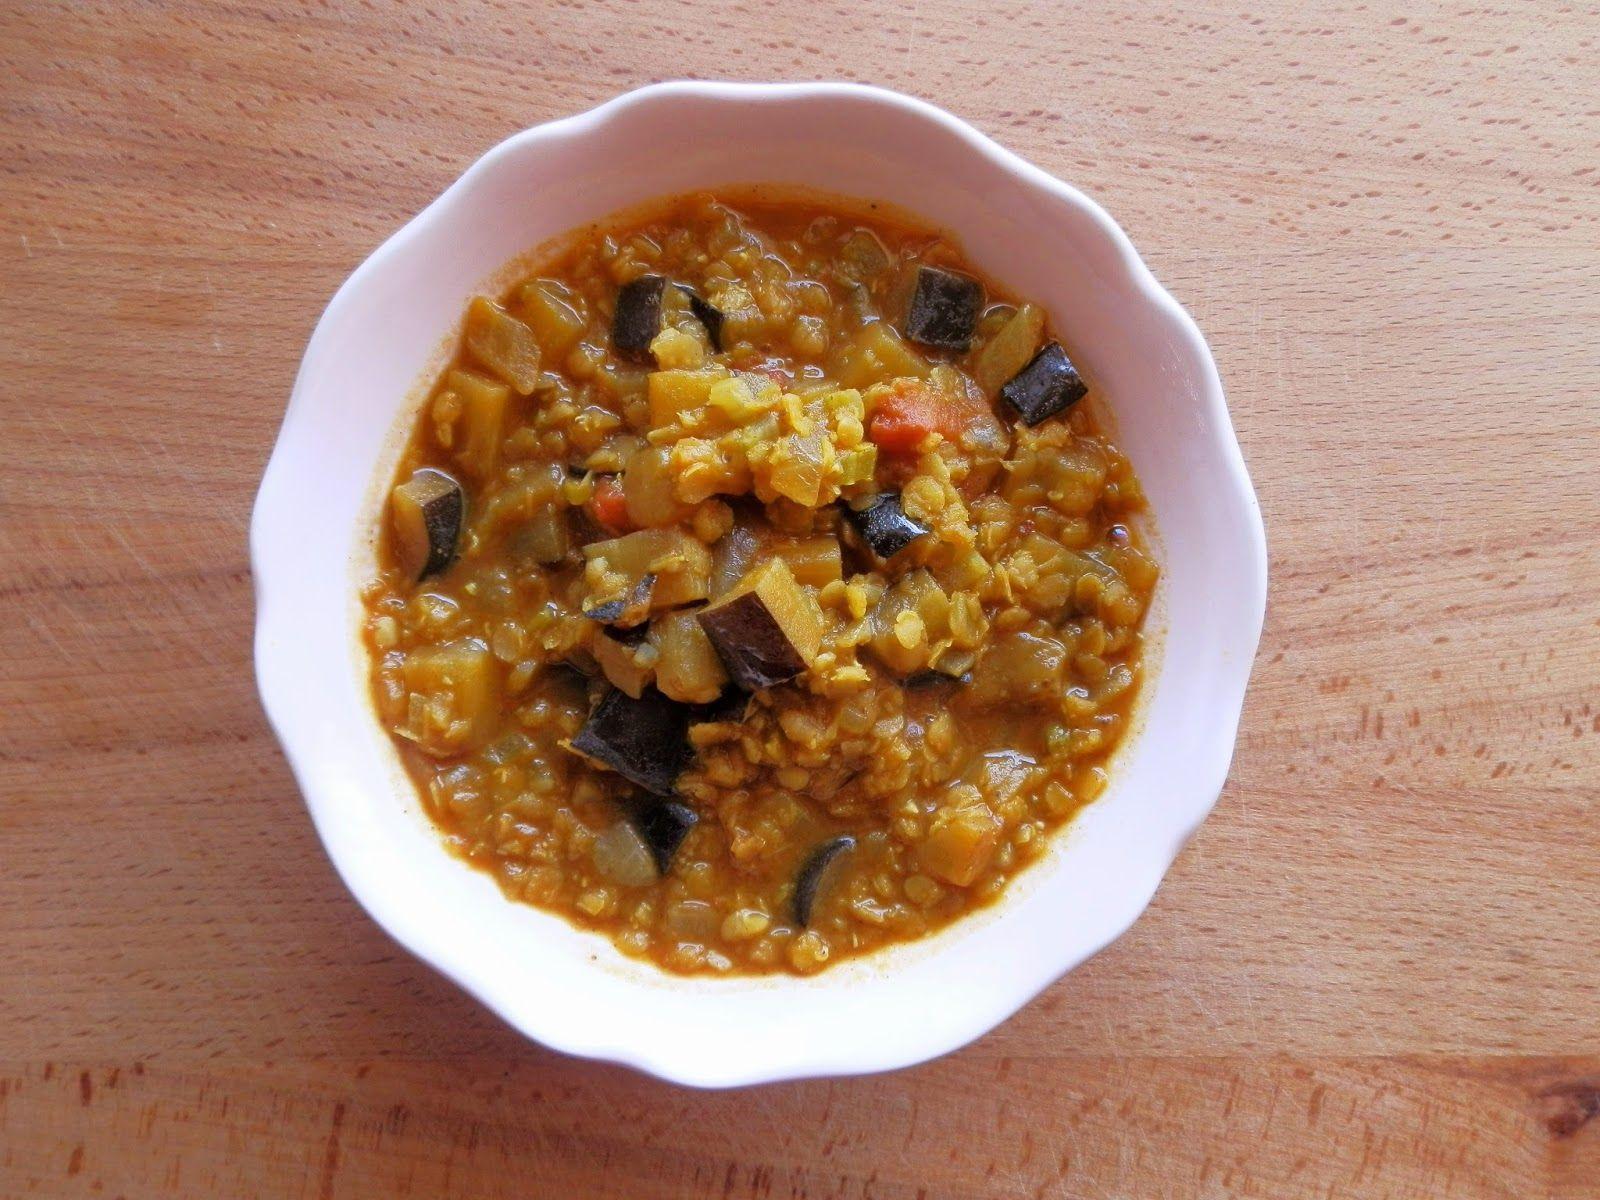 A Cozinha da Ovelha Negra: Caril de beringela e lentilhas - Meatless Monday